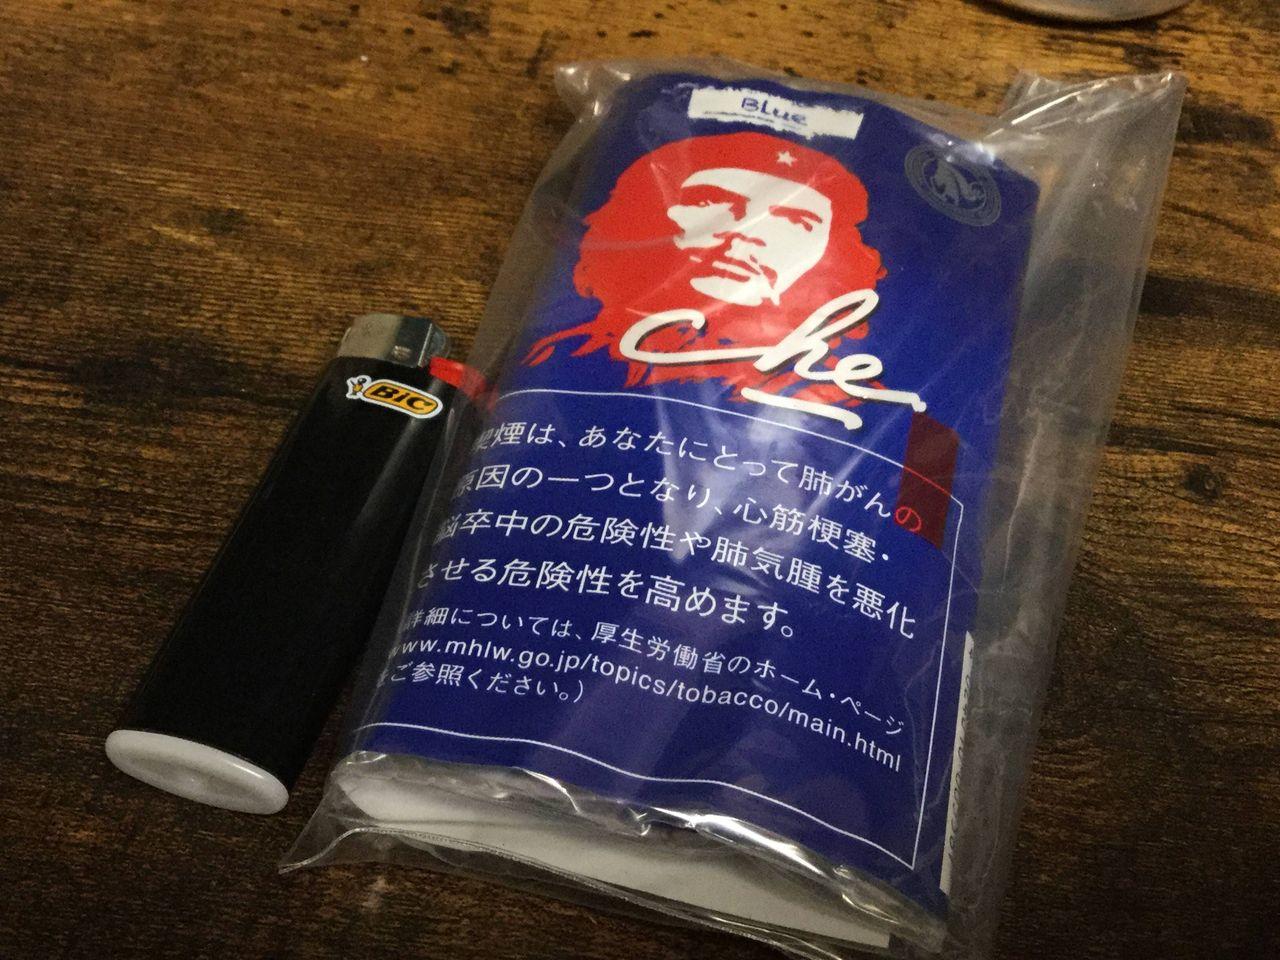 ひさびさに手巻きタバコ買ってきた( ˘ω˘ )